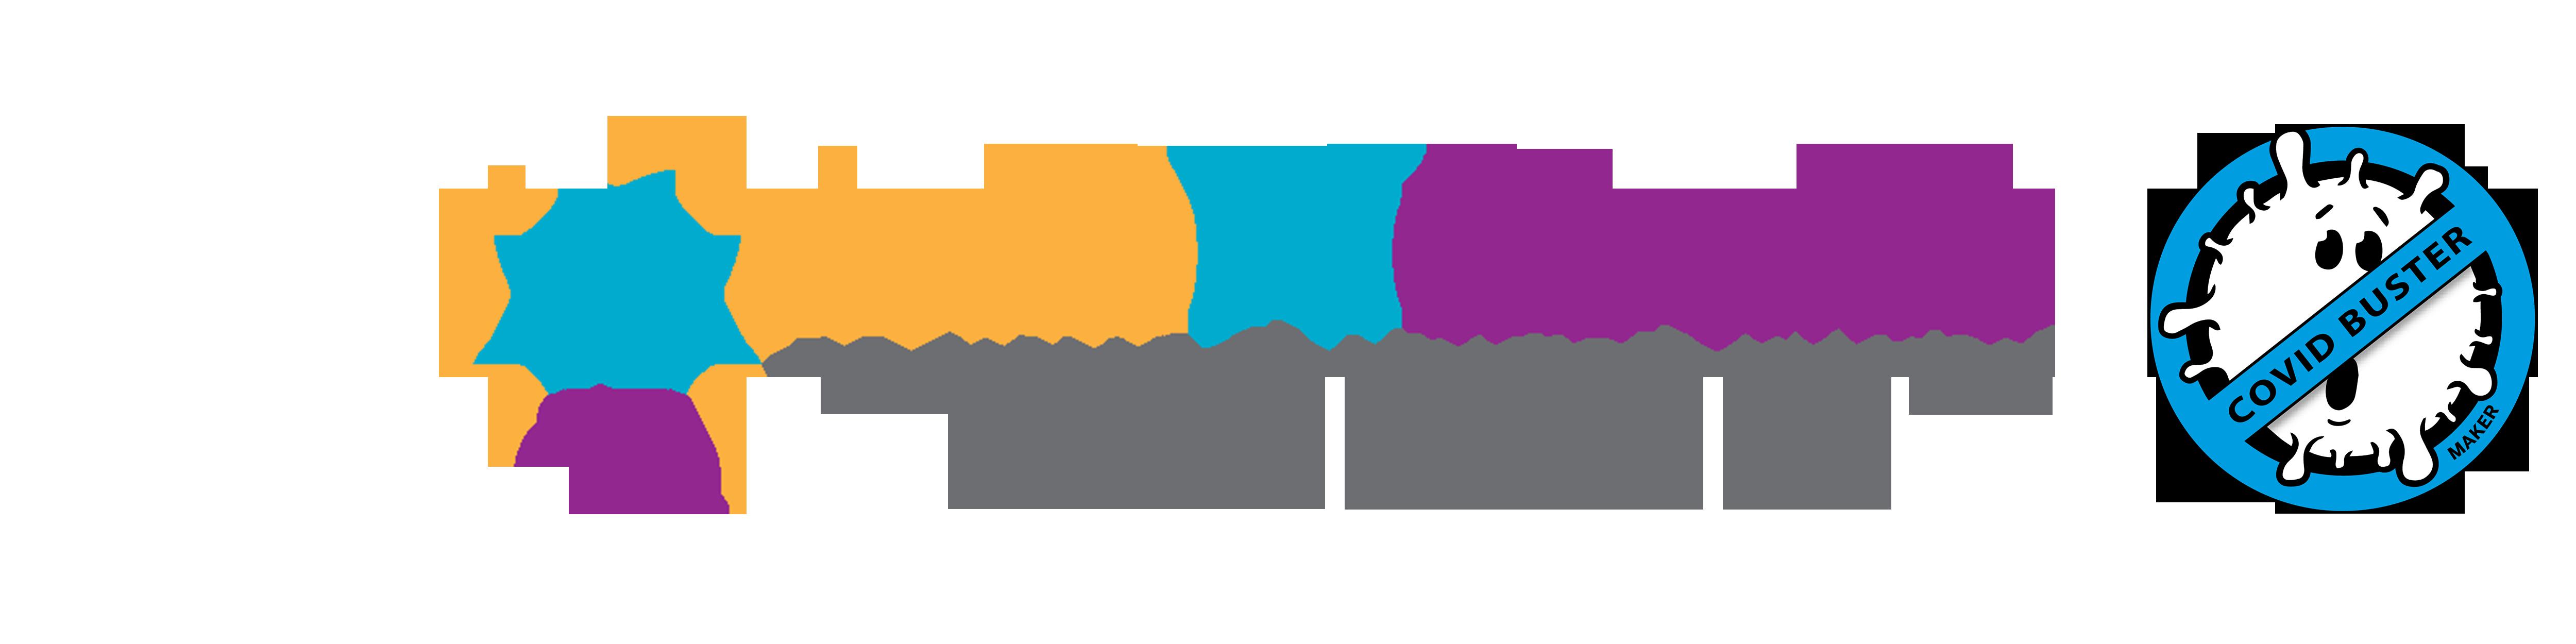 Labhidouille, le FabLab de l'habitat inclusif by Familles Solidaires